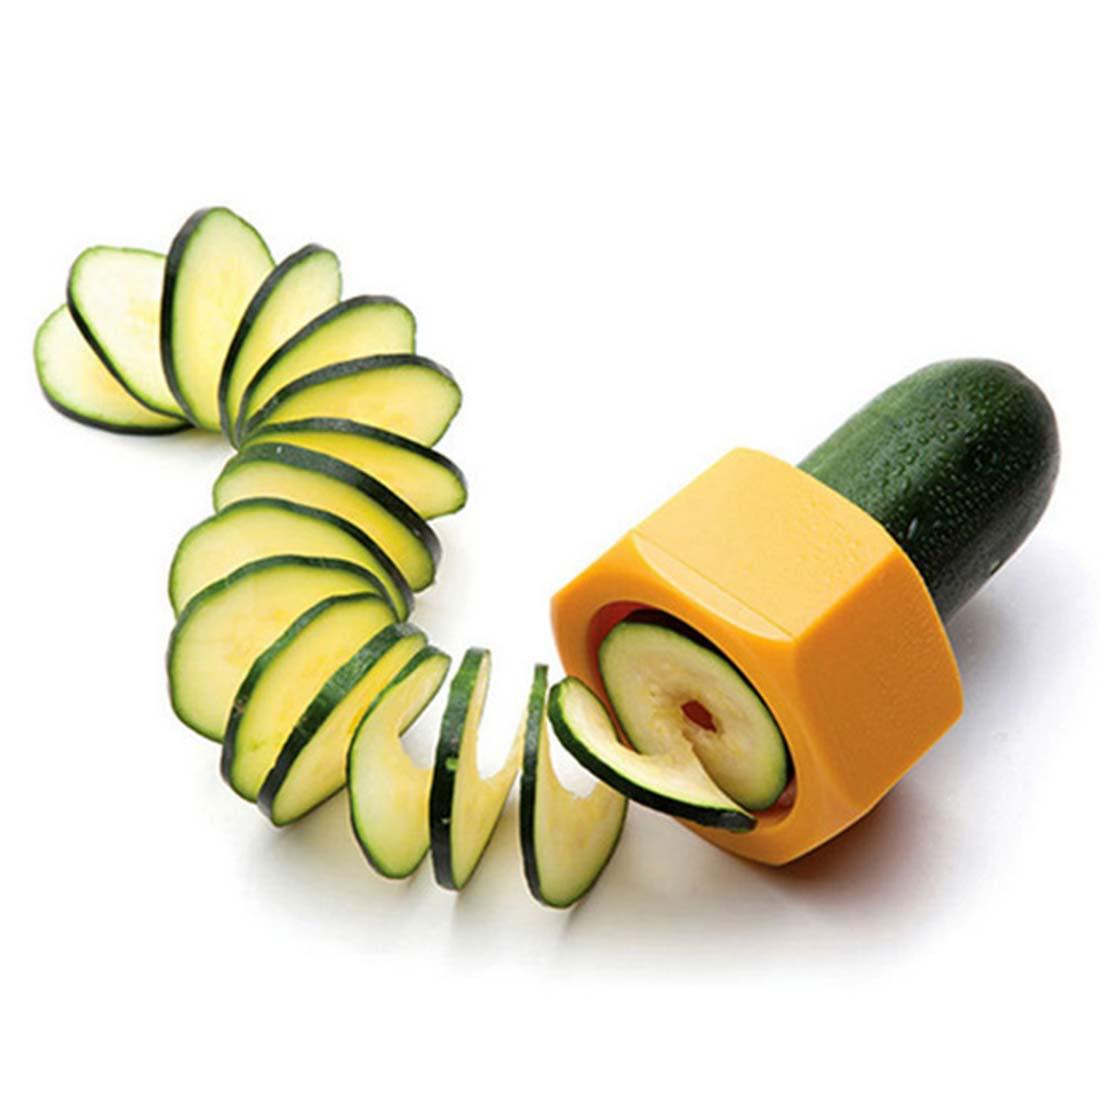 スパイラル野菜スライサー プロモーション- Aliexpress.comでのプロモーションショッピングスパイラル野菜